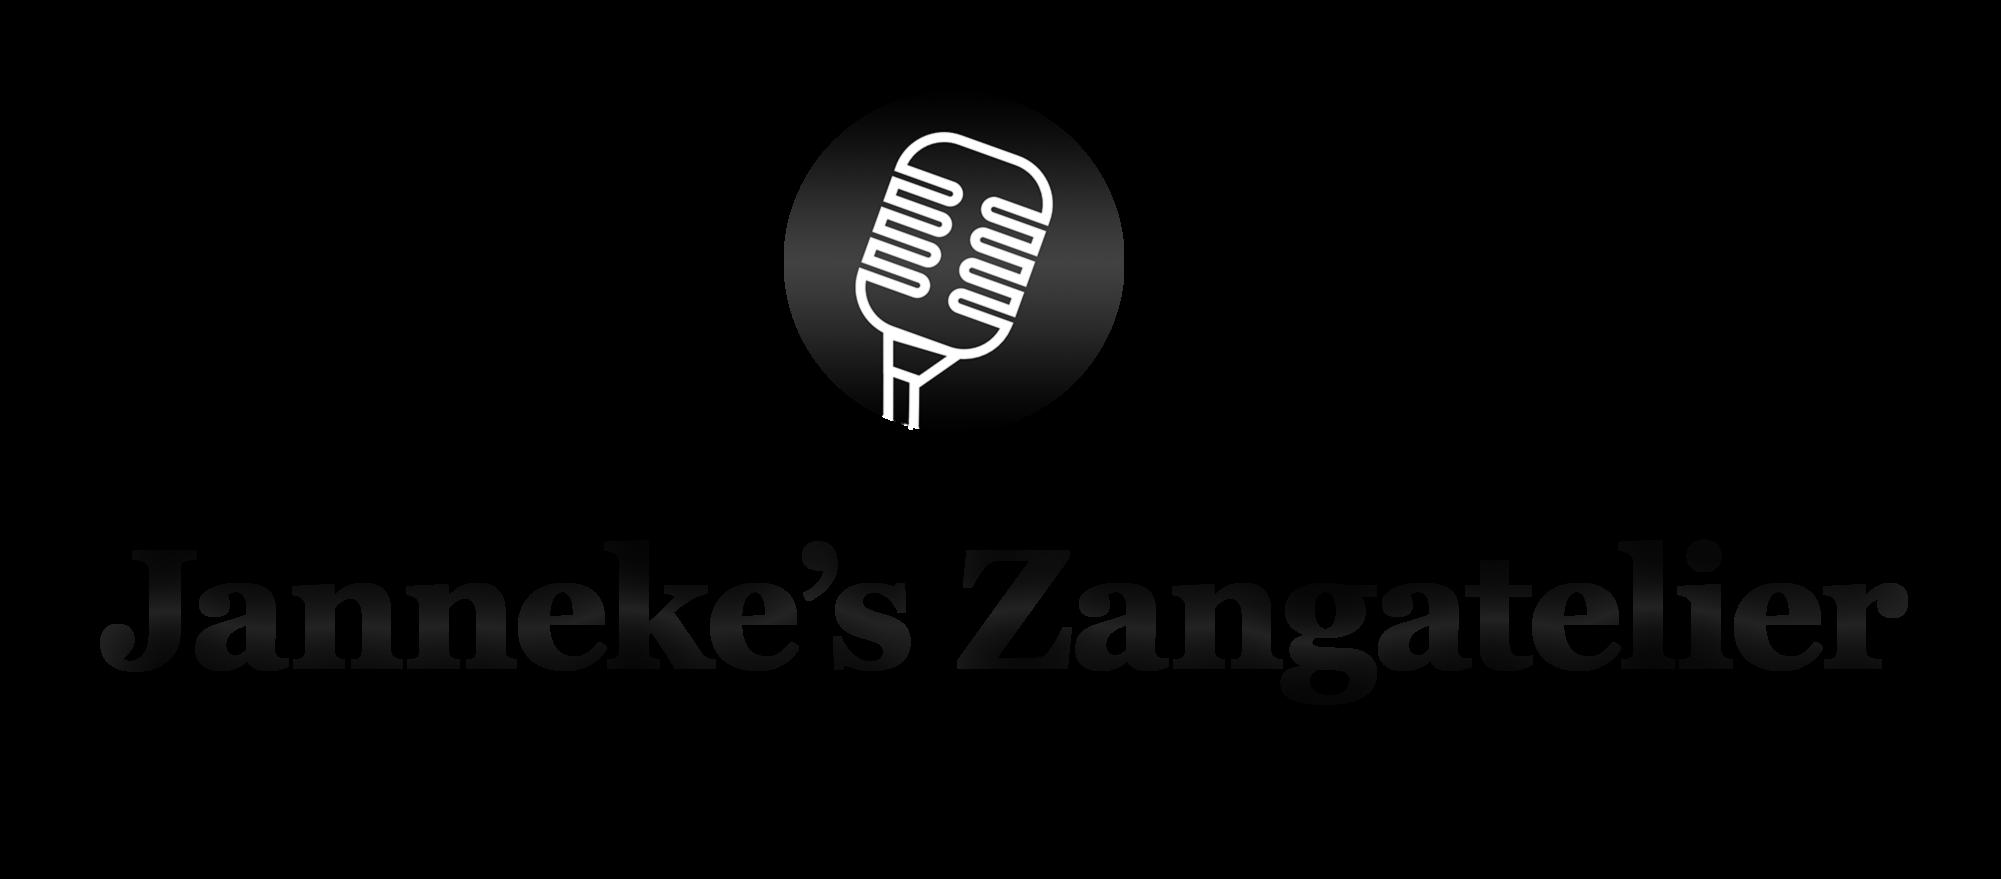 Janneke's Zangatelier